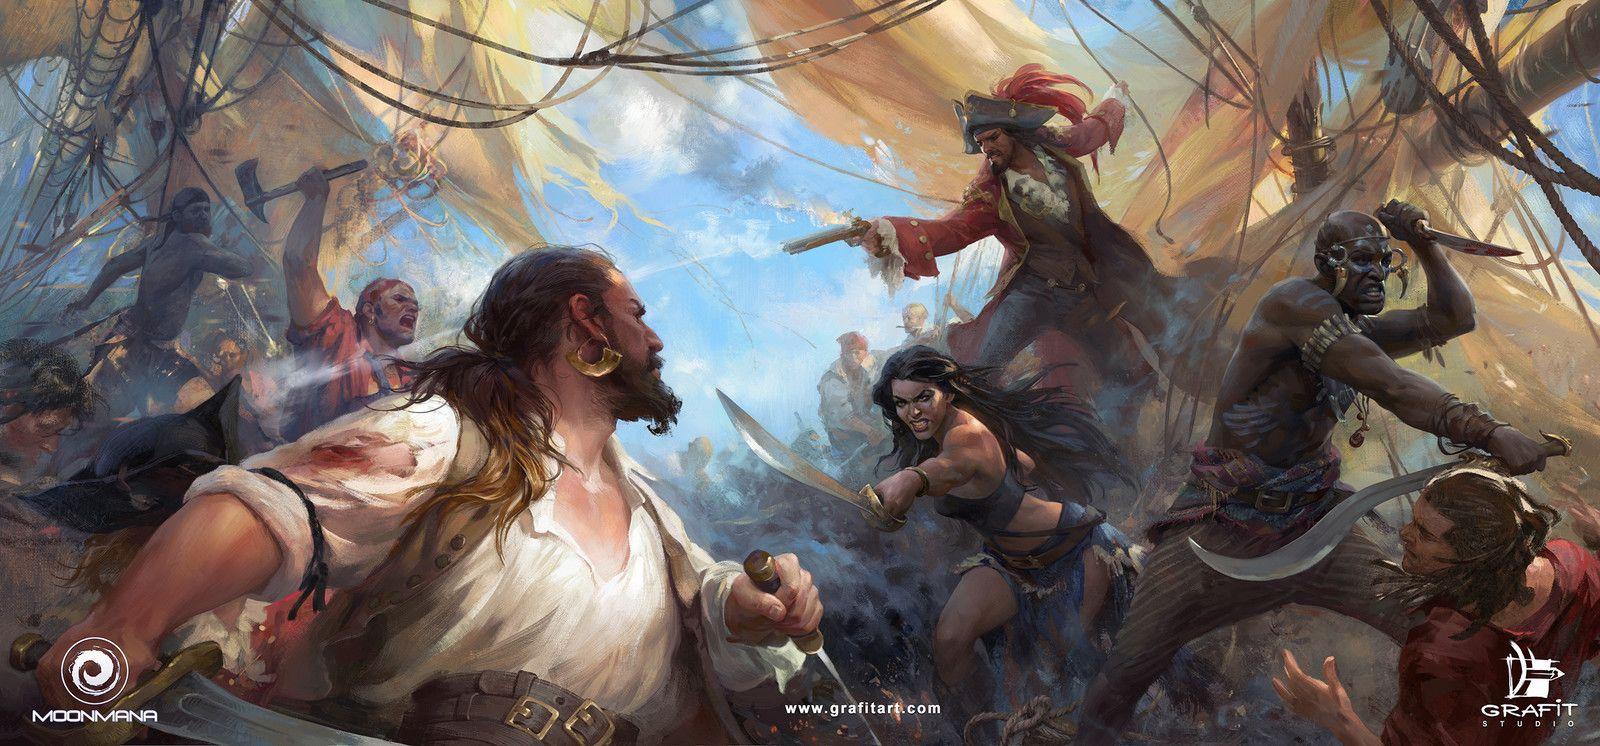 эти бои пиратов картинки начала